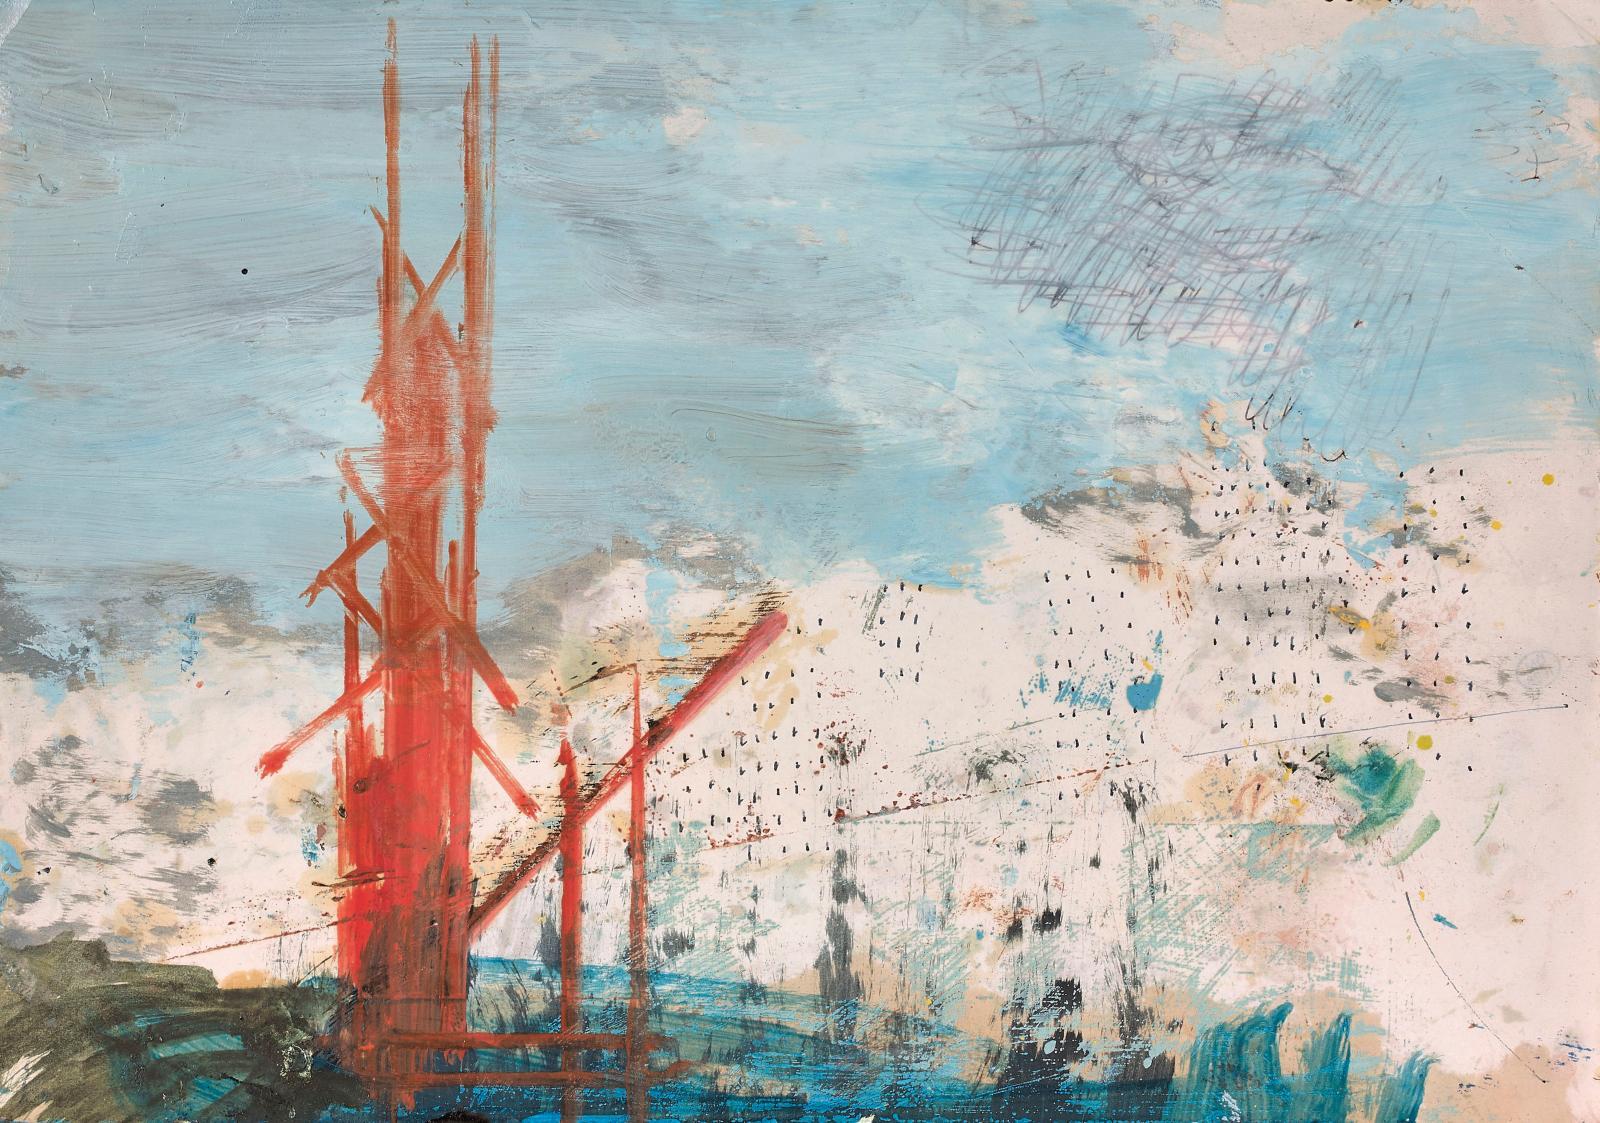 Dans son livre Vivre avec Picasso, l'autre compagne du peintre, Françoise Gilot, se souvenait à propos de Dora Maar d'une «sensibilité mé